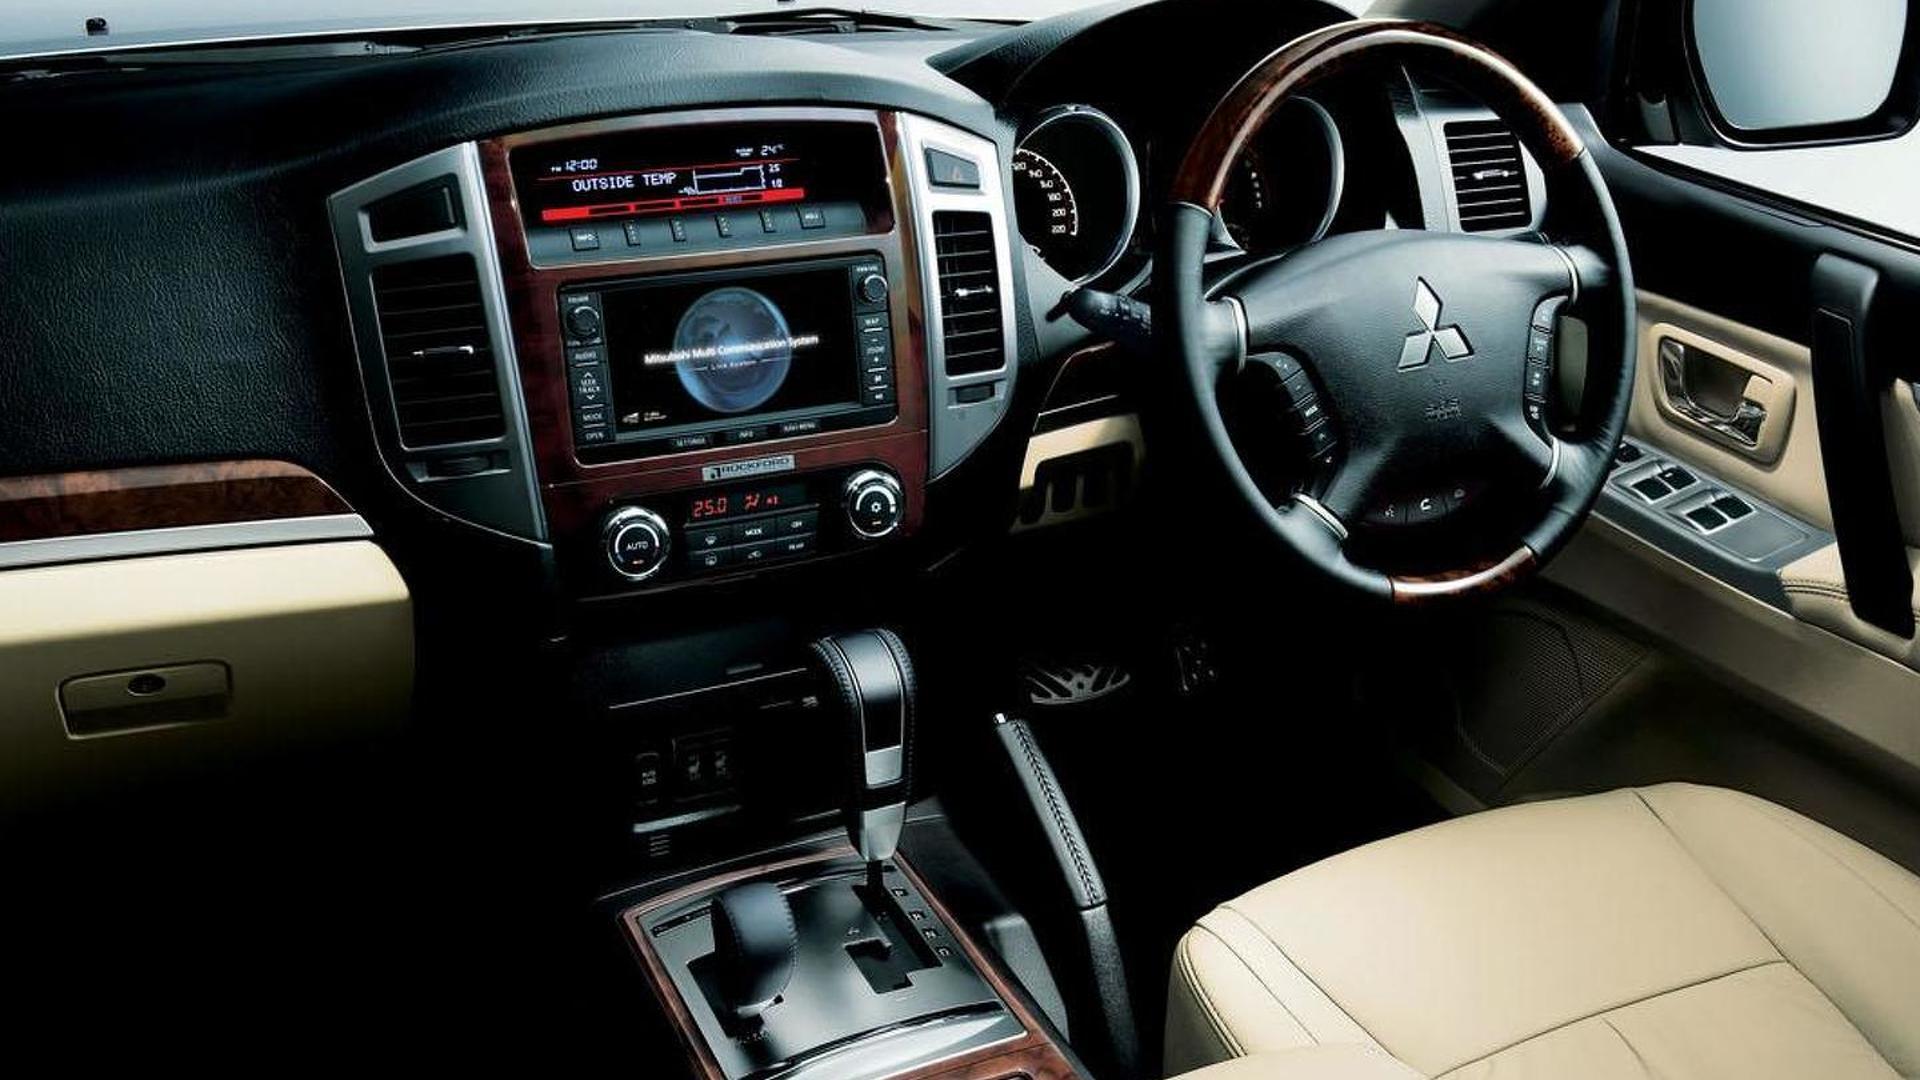 Mitsubishi Pajero VR 3.0 Features